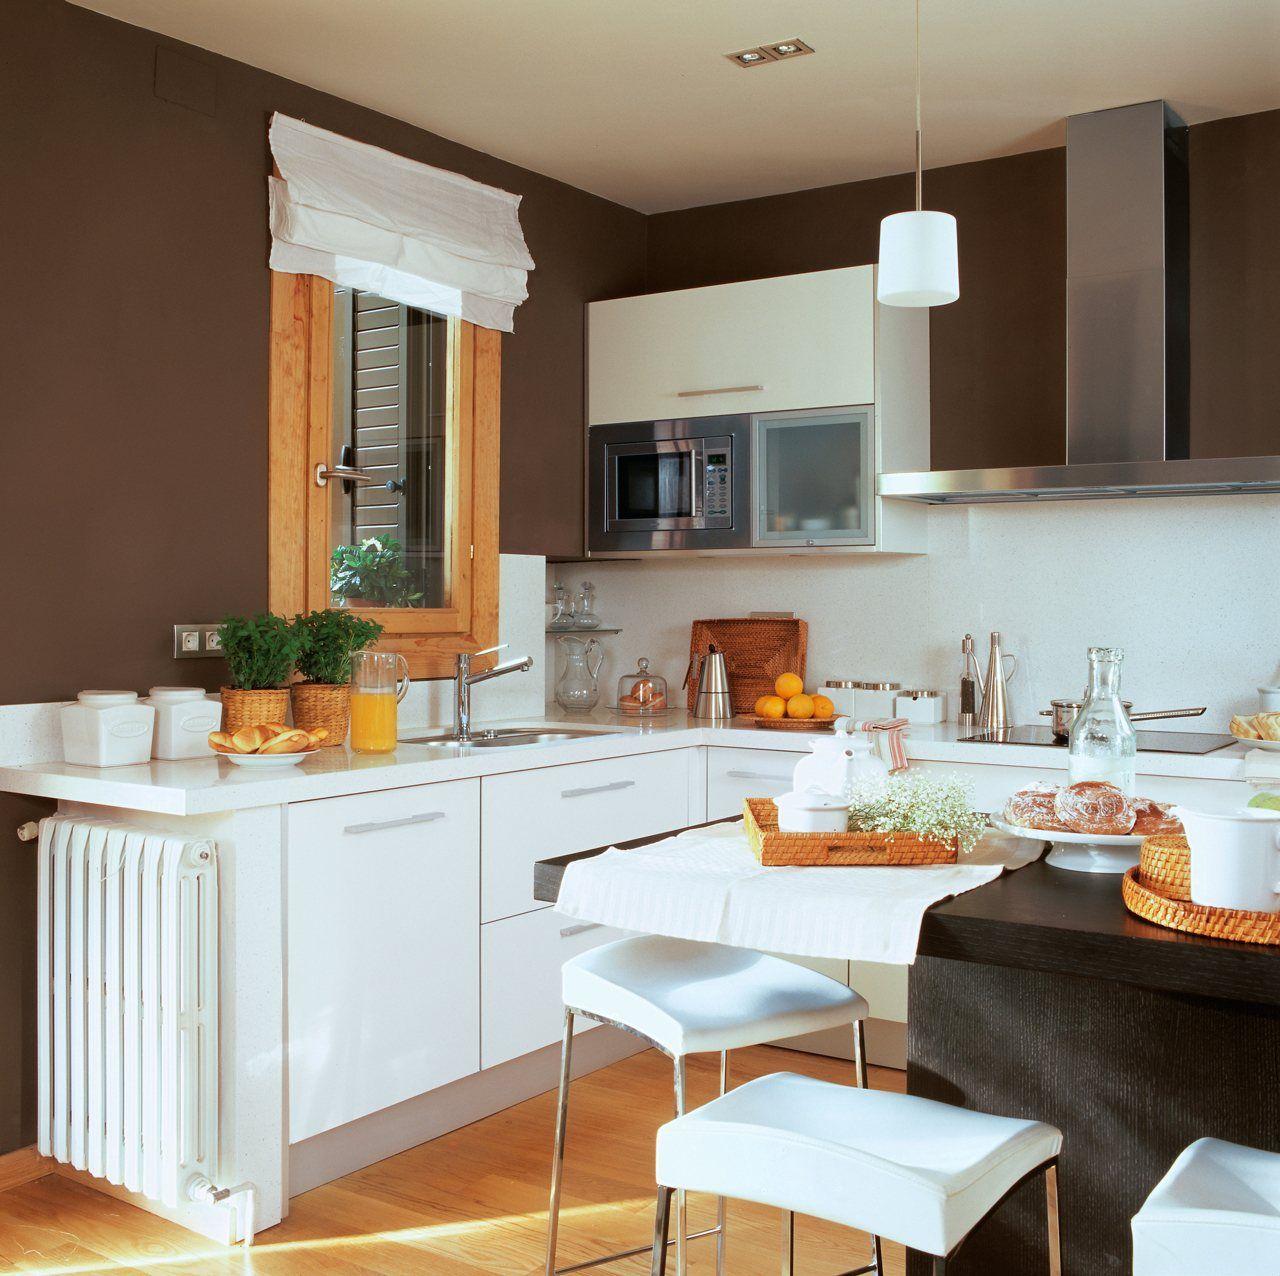 Cocinas y baos pequeos elegant baldosa de interior para for Cocinas buenas y baratas